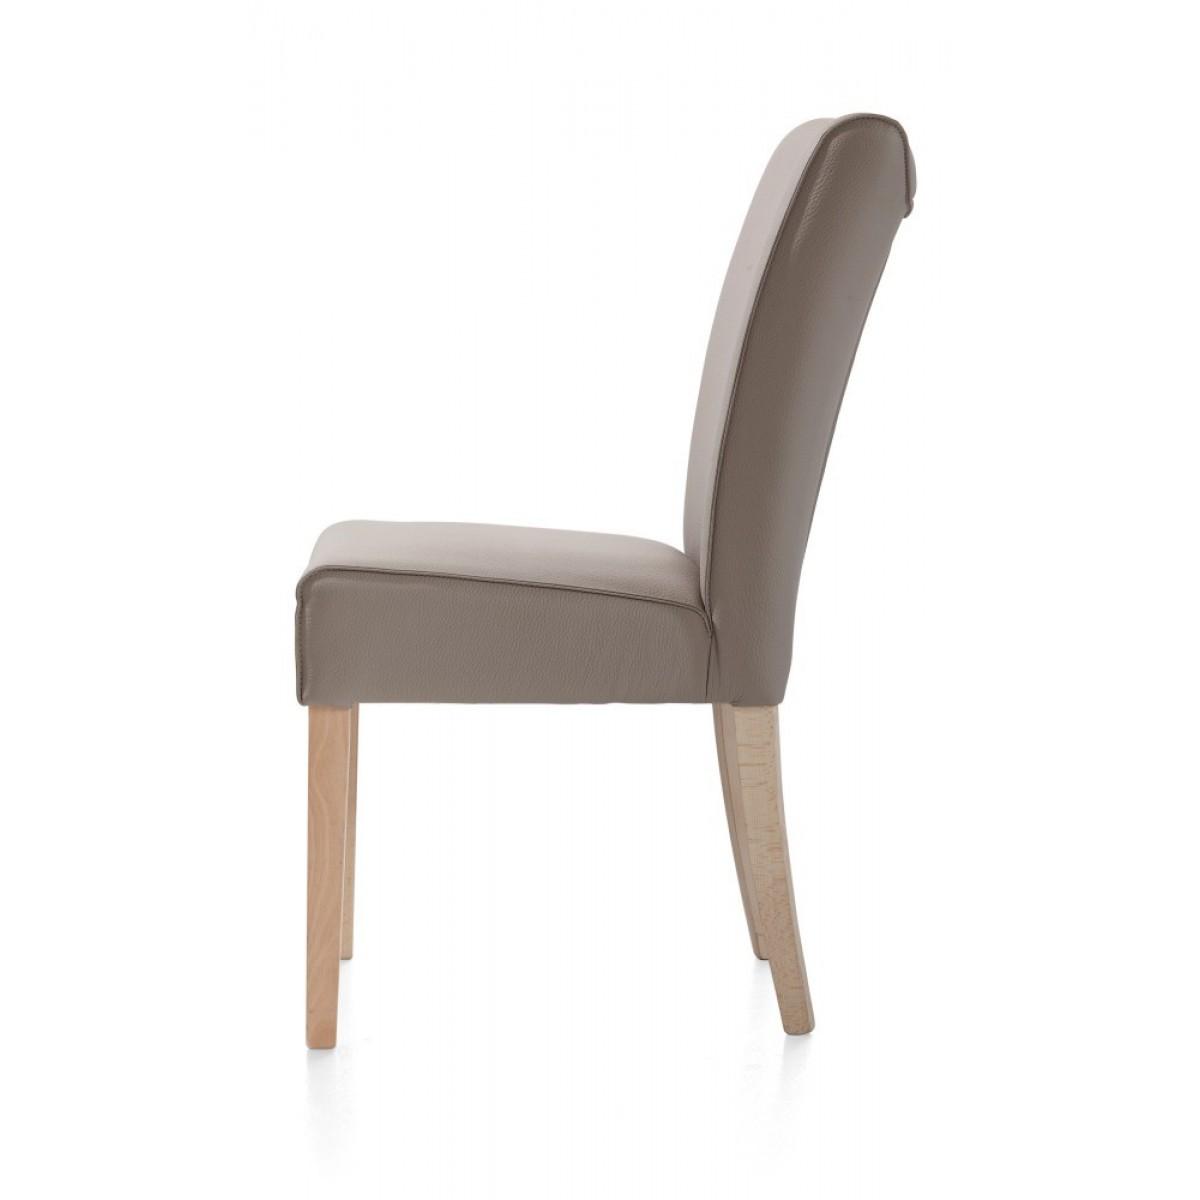 queen-stoel-eetkamerstoel-poot-hout-eiken-tatra-zij